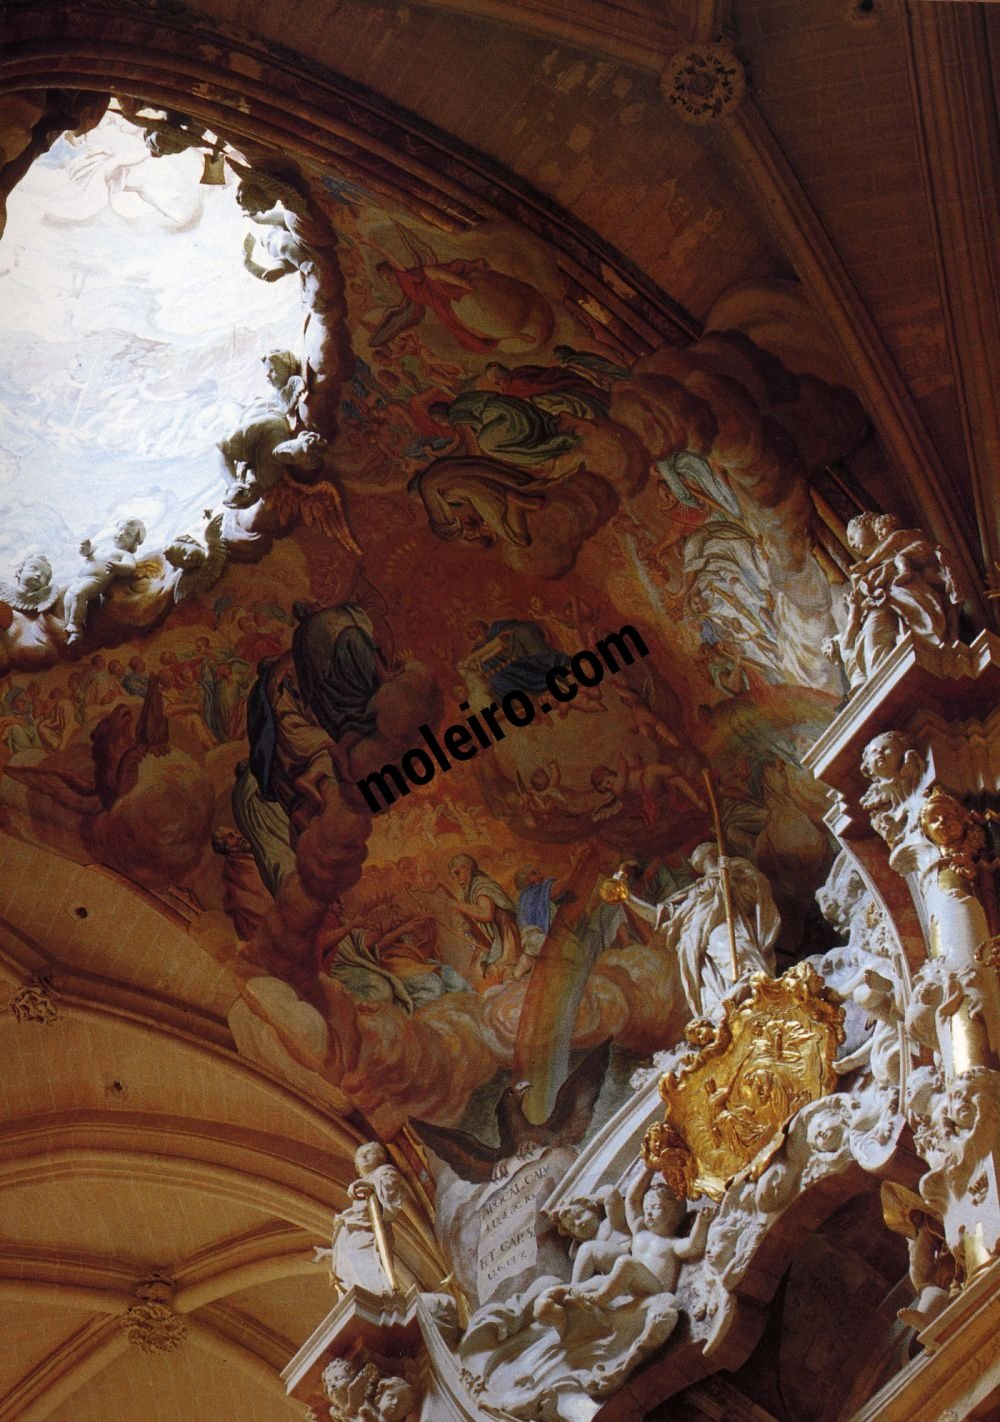 El Arte Barroco en España y Portugal El Transparente. Obra de Narciso Tomé (1721-1731). Toledo, España